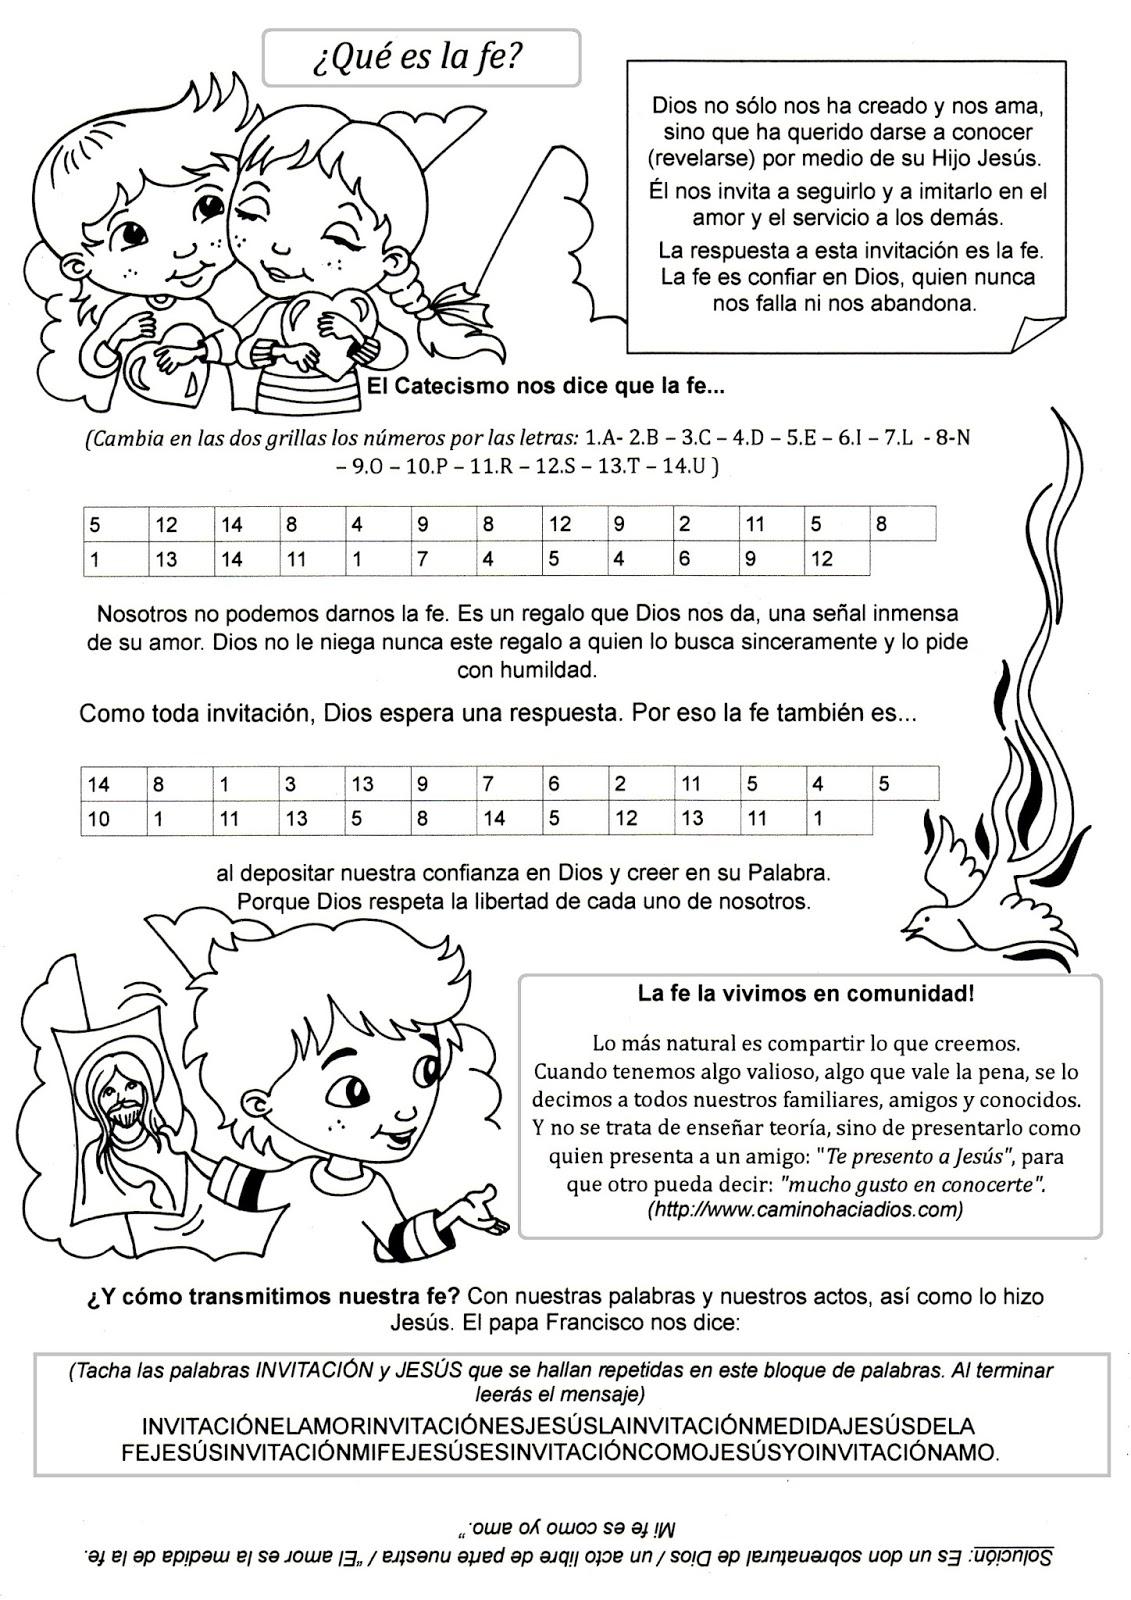 Dorable Páginas Para Colorear De Fe Para Niños Friso - Dibujos Para ...